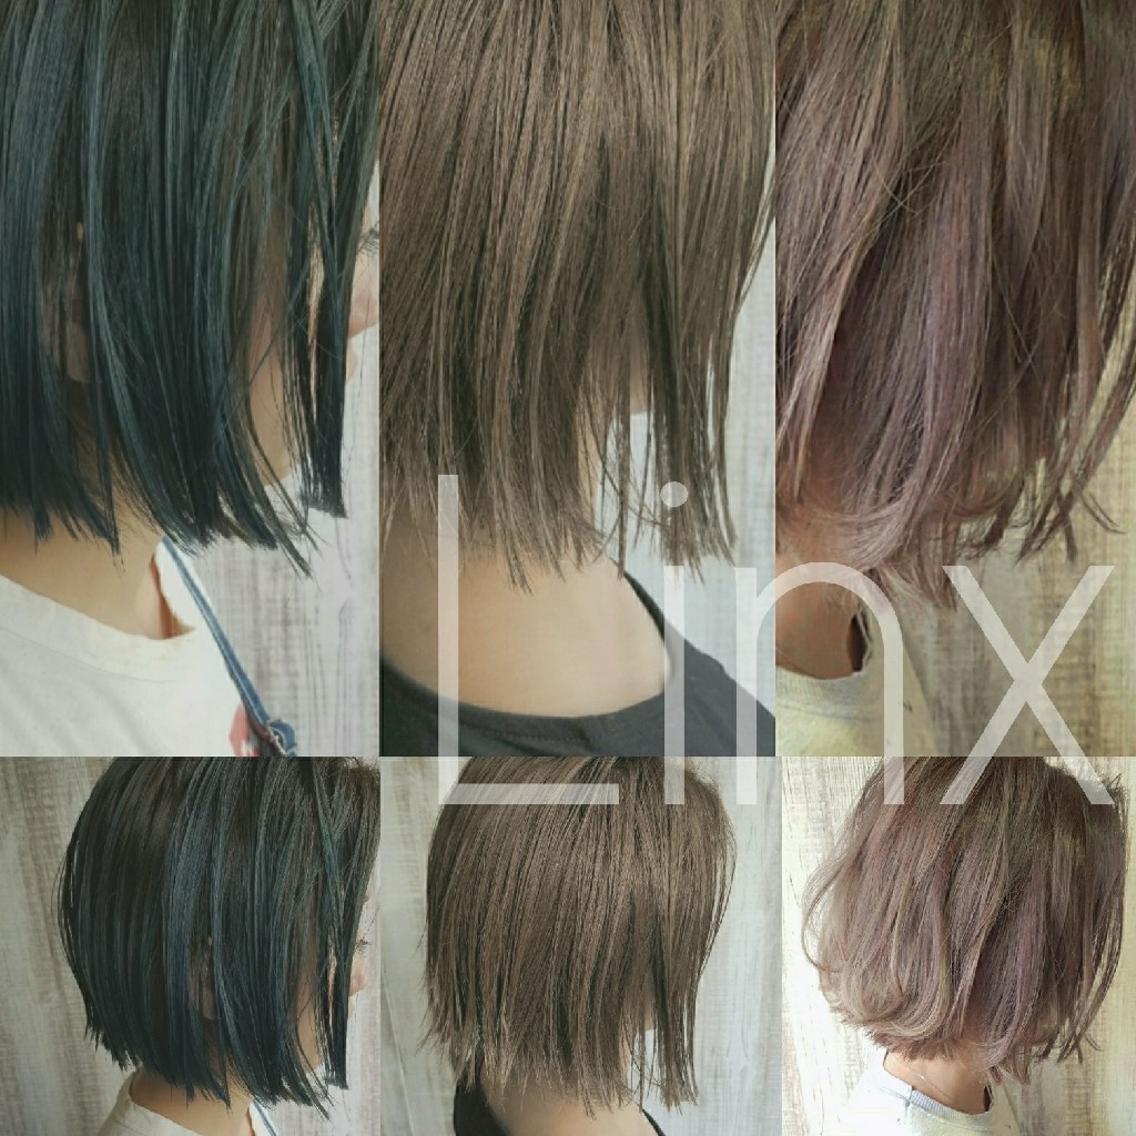 tocca hair&treatment所属・吉田佳祐の掲載